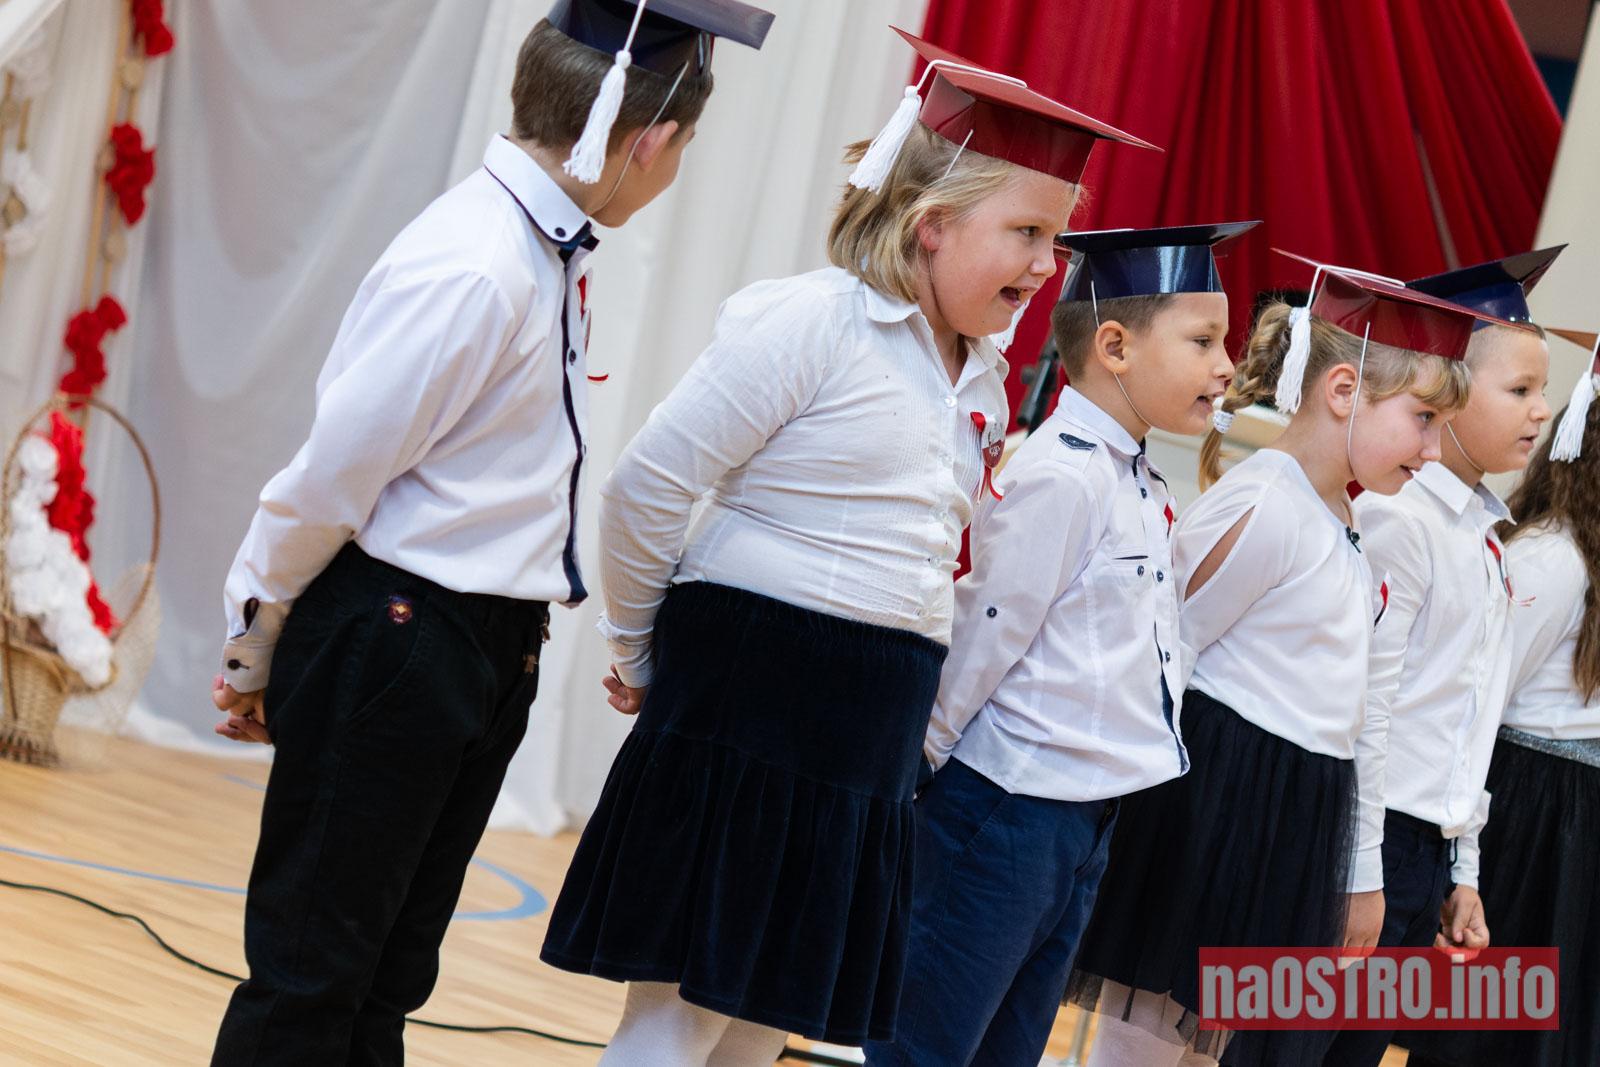 NaOSTRO Otwarcie Szkoły w Bałtowie-139